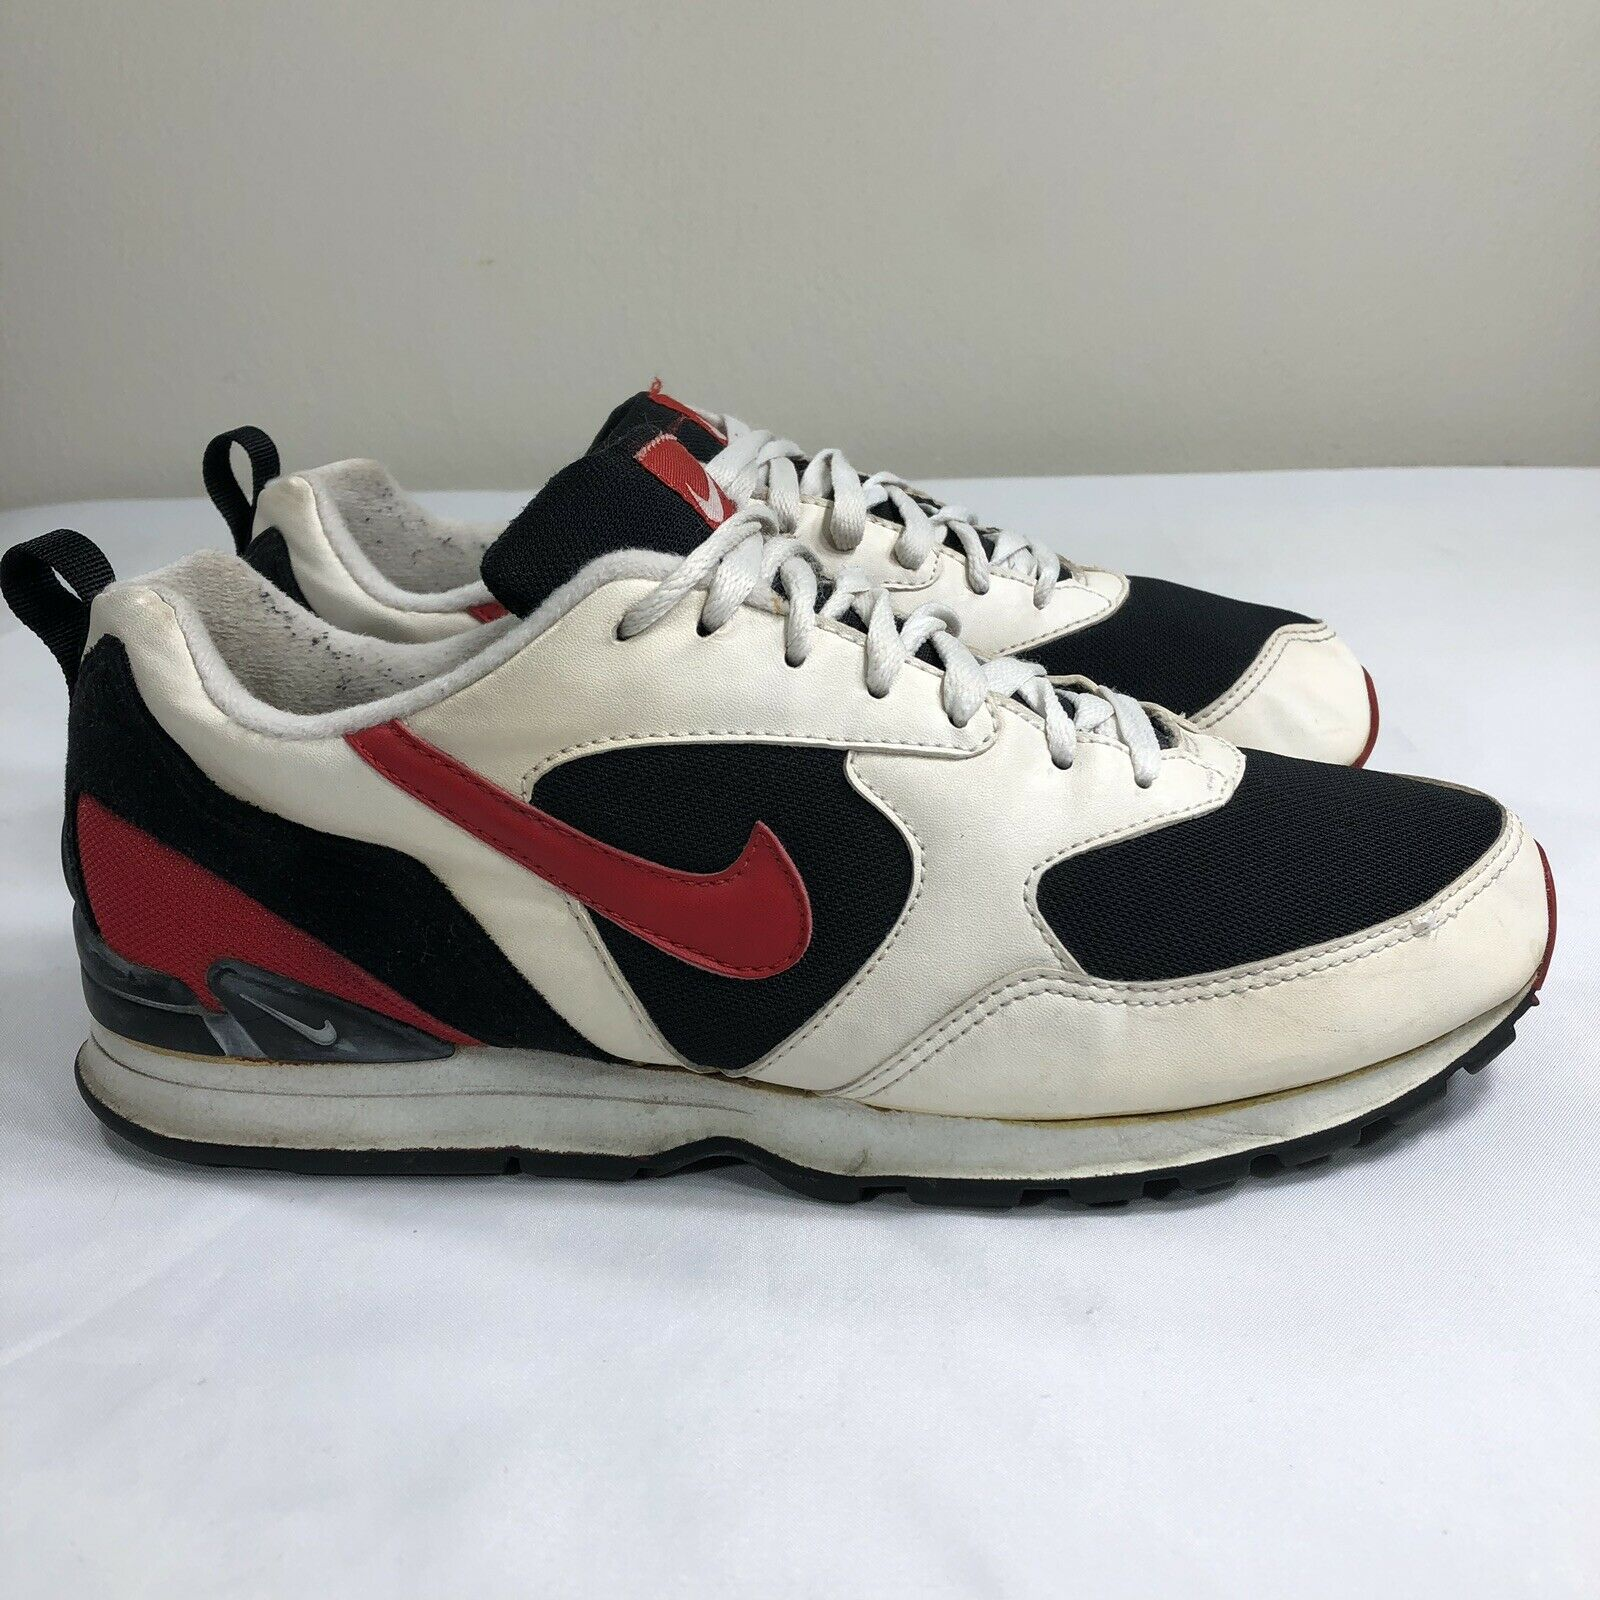 024163f4b4f78 VTG 1995 Nike Pace Runner OG OG OG Running shoes Trainer 90s Swoosh ...